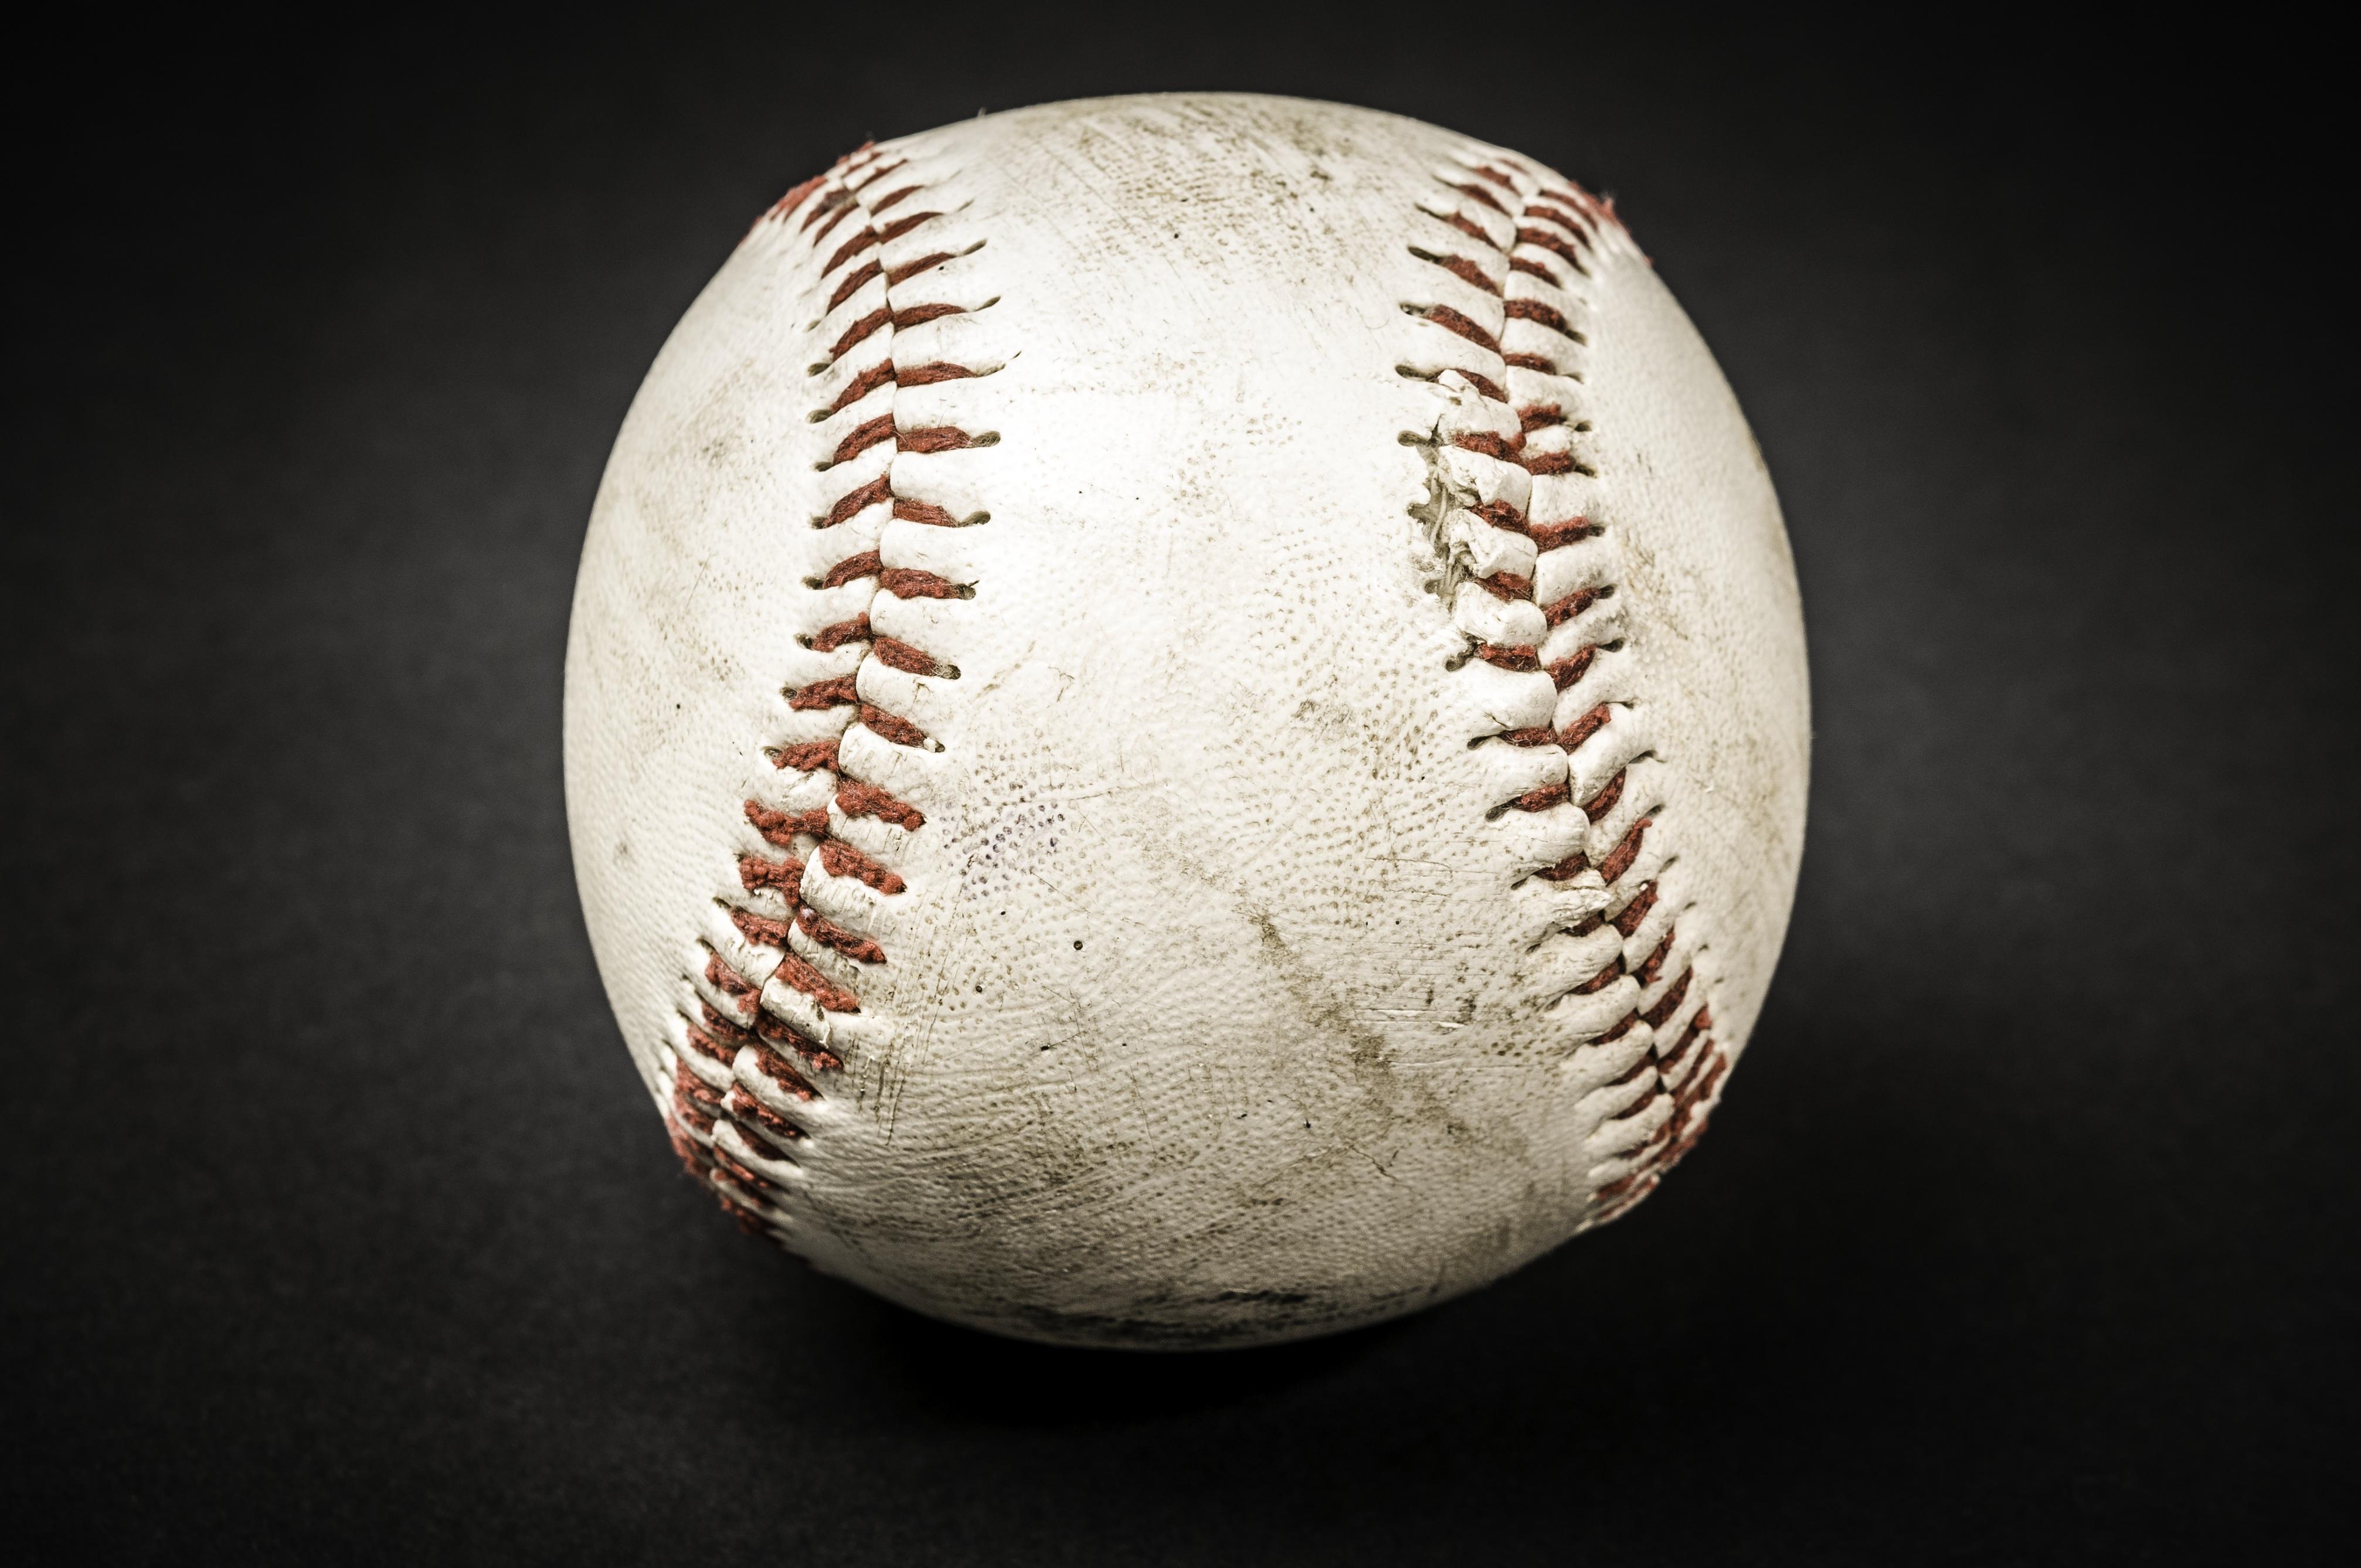 White Baseball, White, Sports, Sport, Baseball, HQ Photo